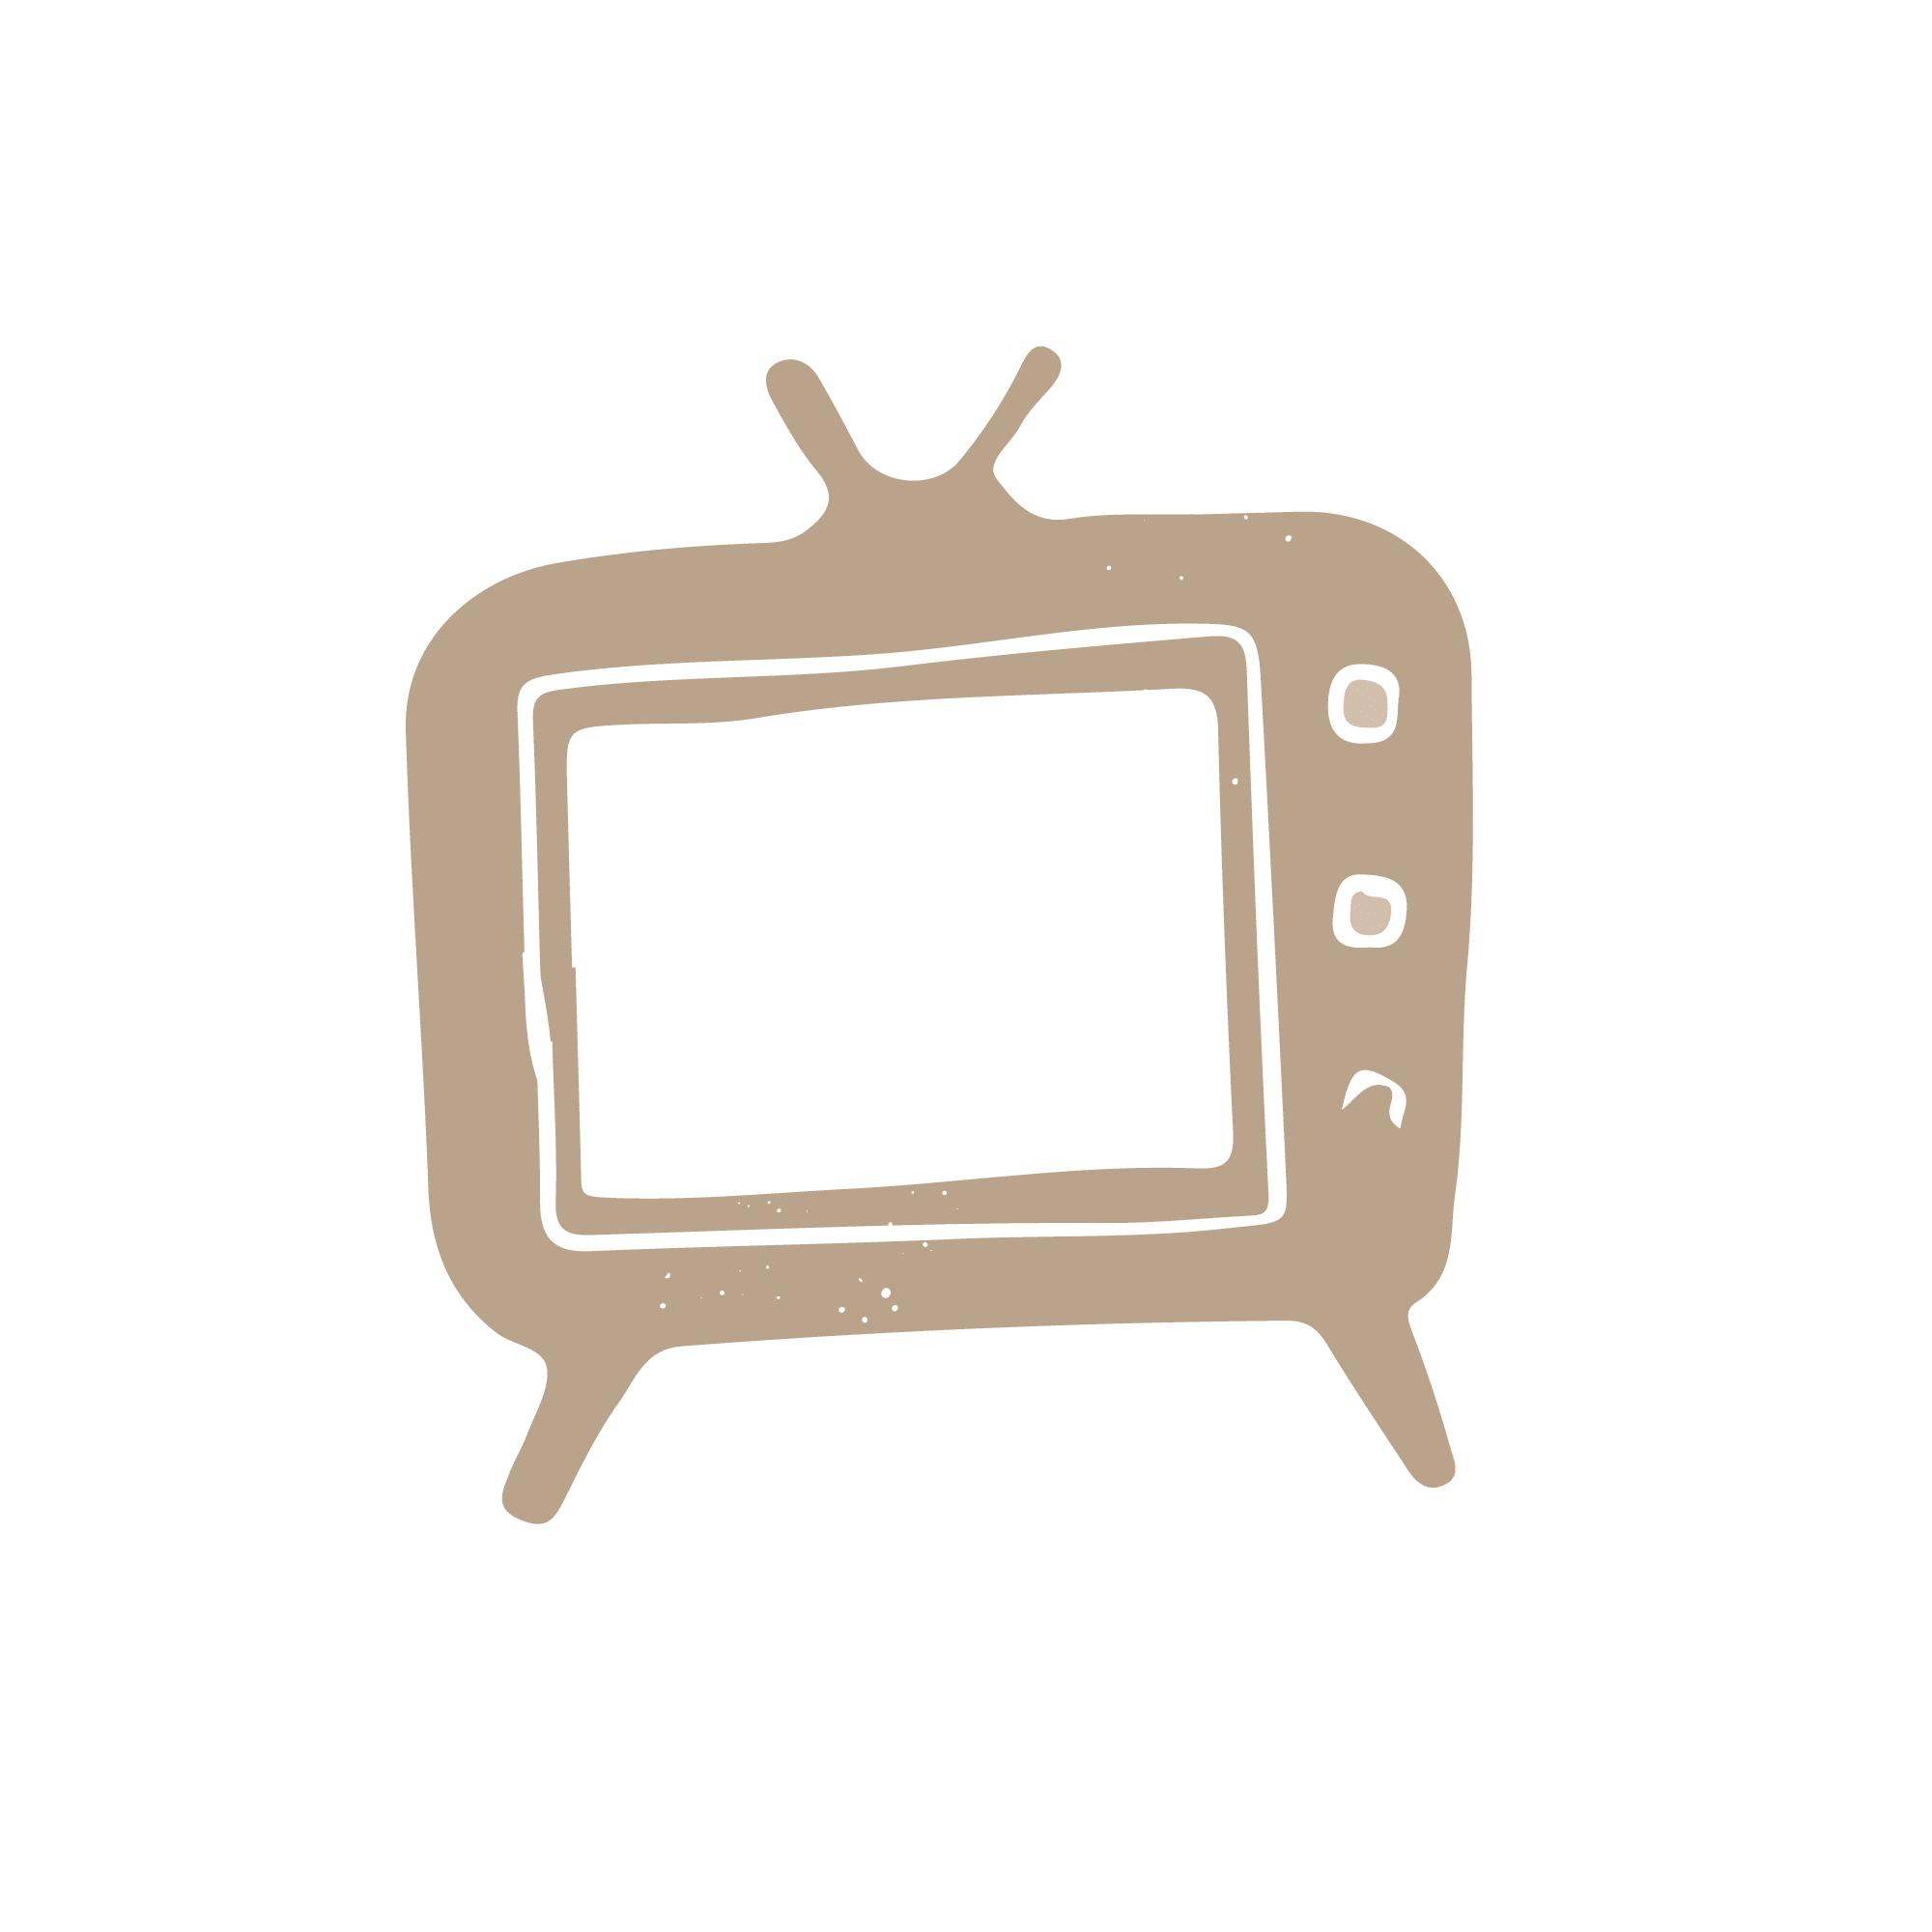 emiliecerretti_insta_icone-télé